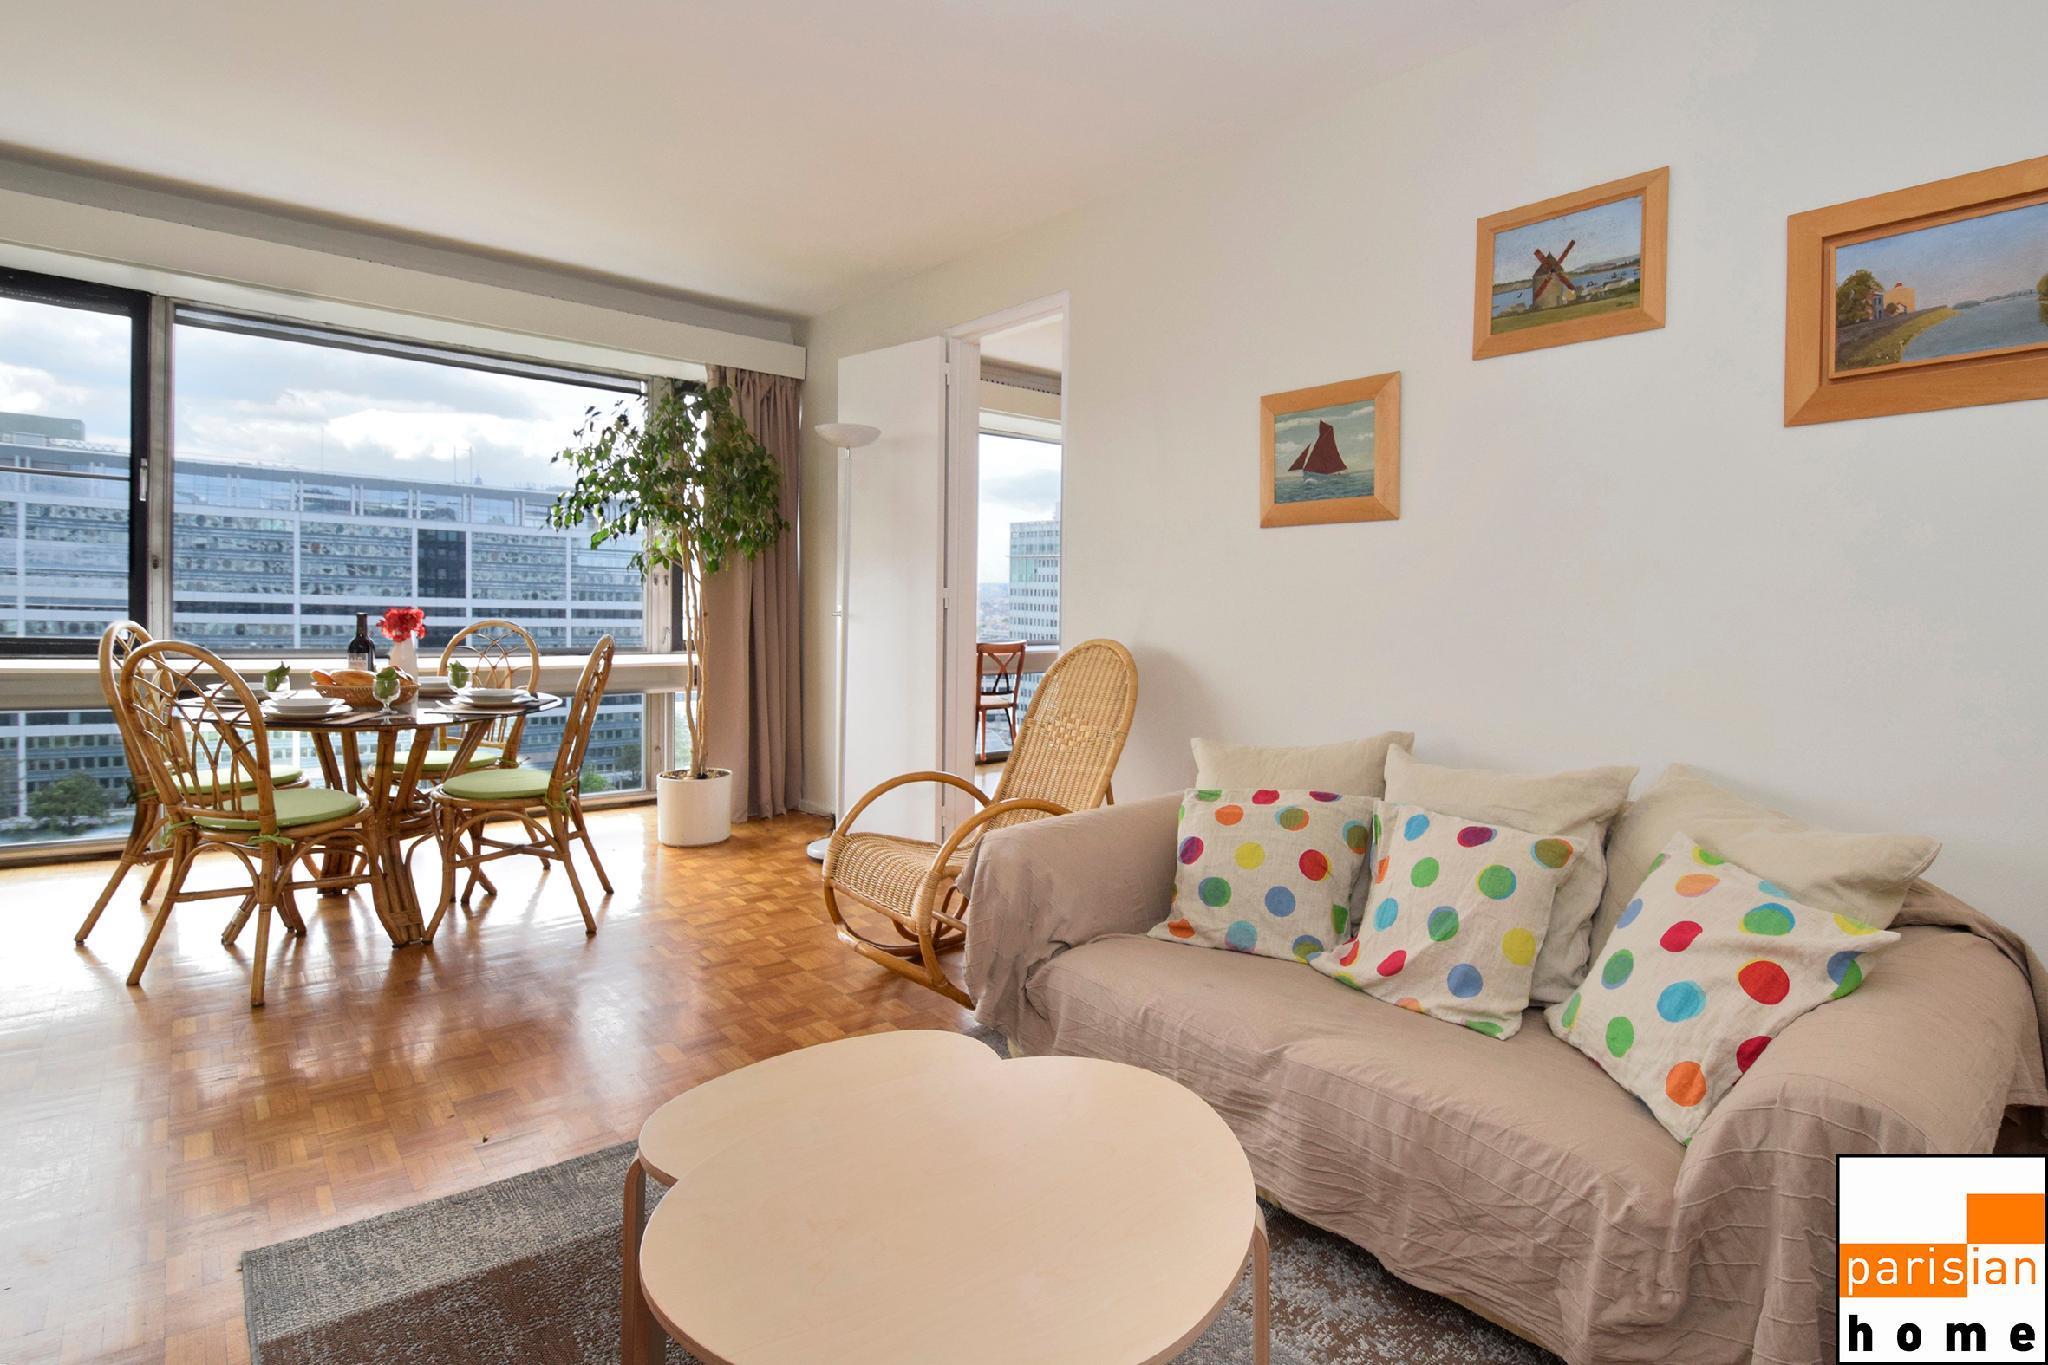 214148 - Vaste et charmant appartement pour 4 personnes